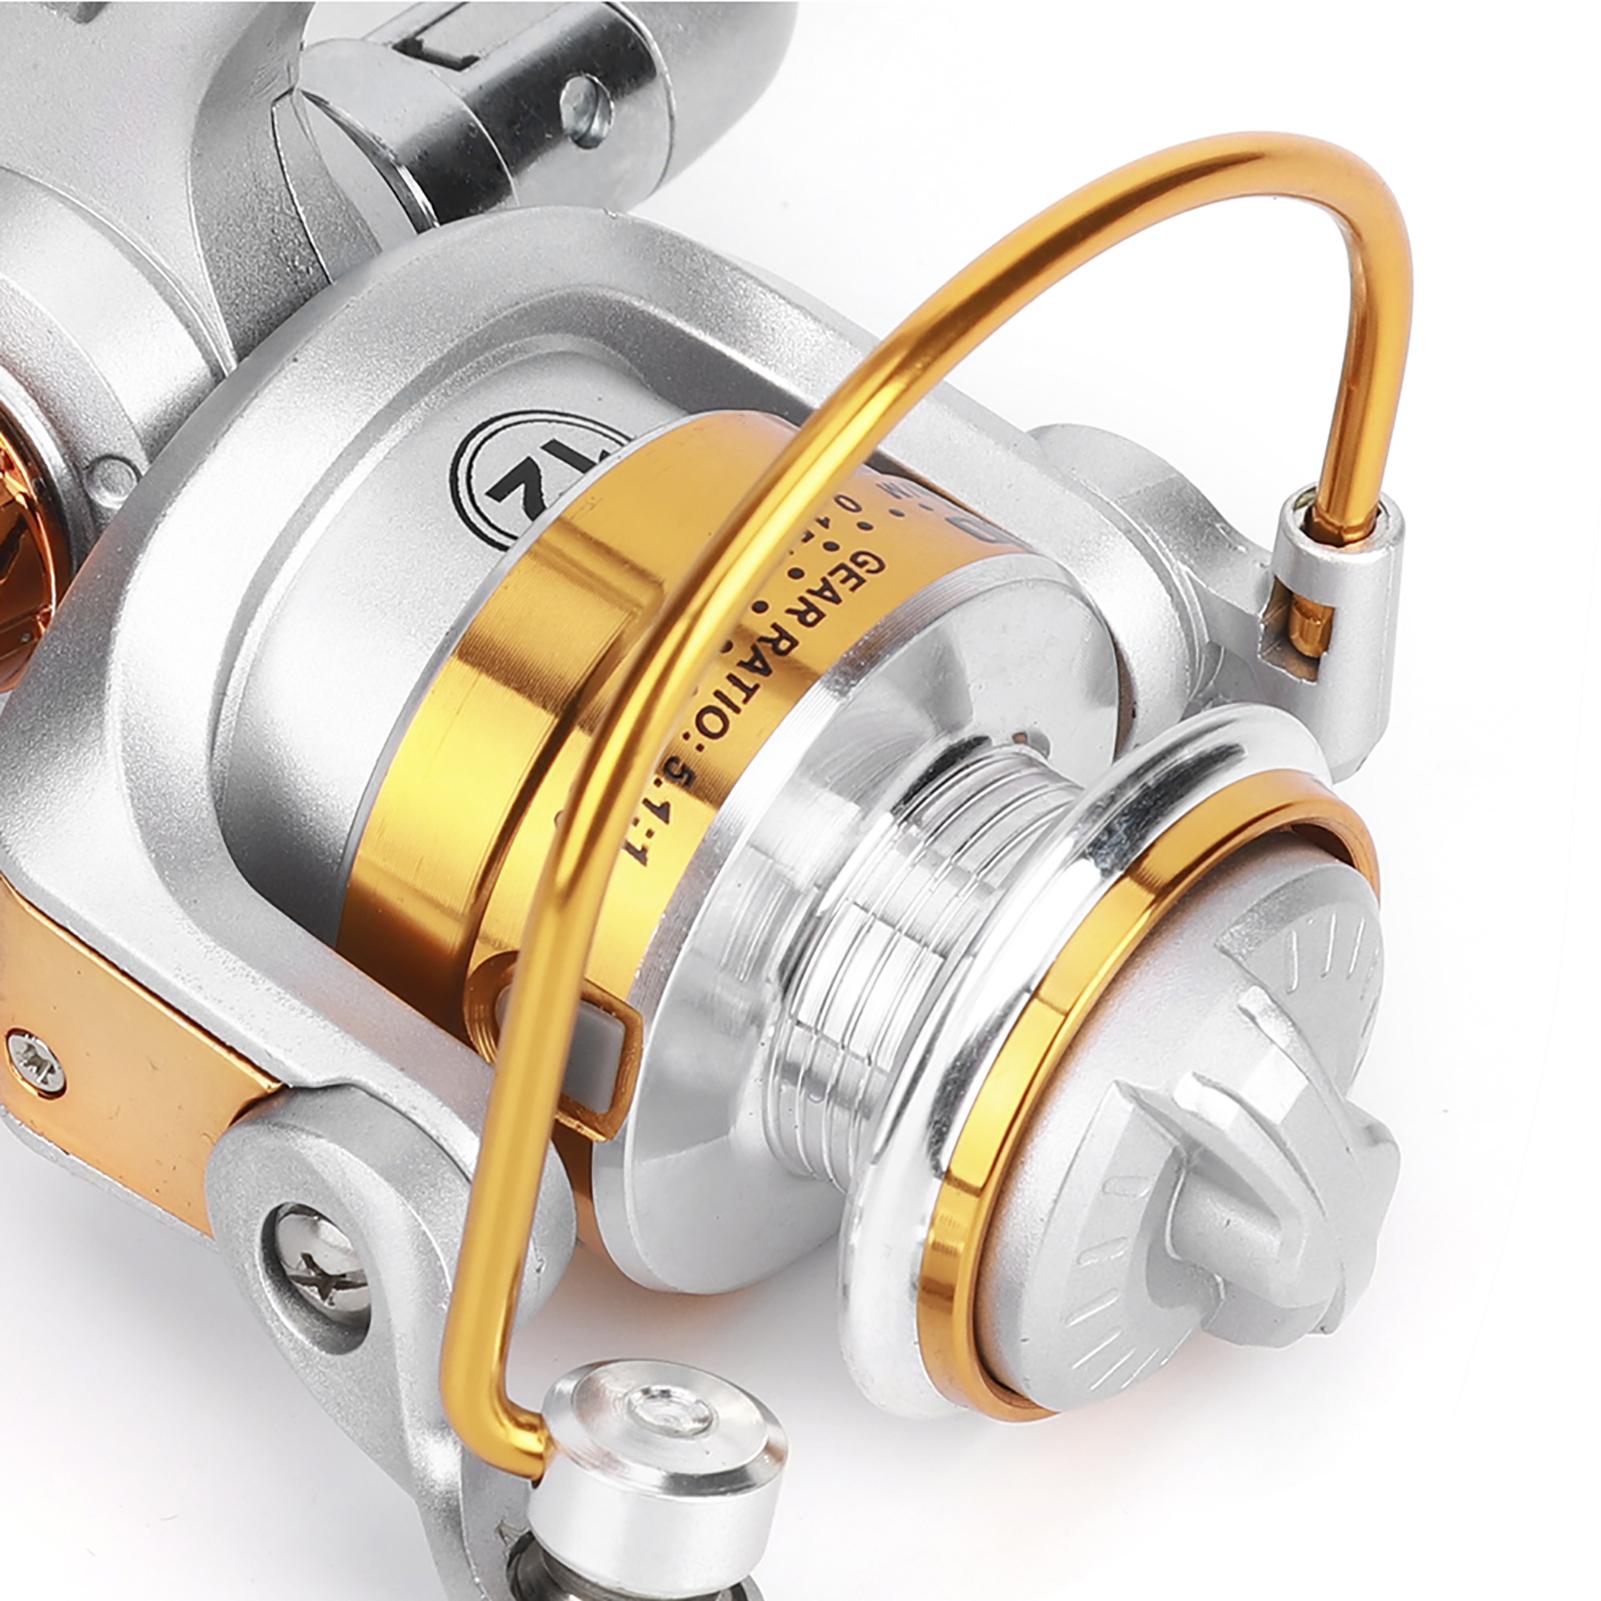 12BB-Ball-Bearing-Saltwater-Freshwater-Fishing-Spinning-Reel-5-5-1-Fish-Tackle thumbnail 10